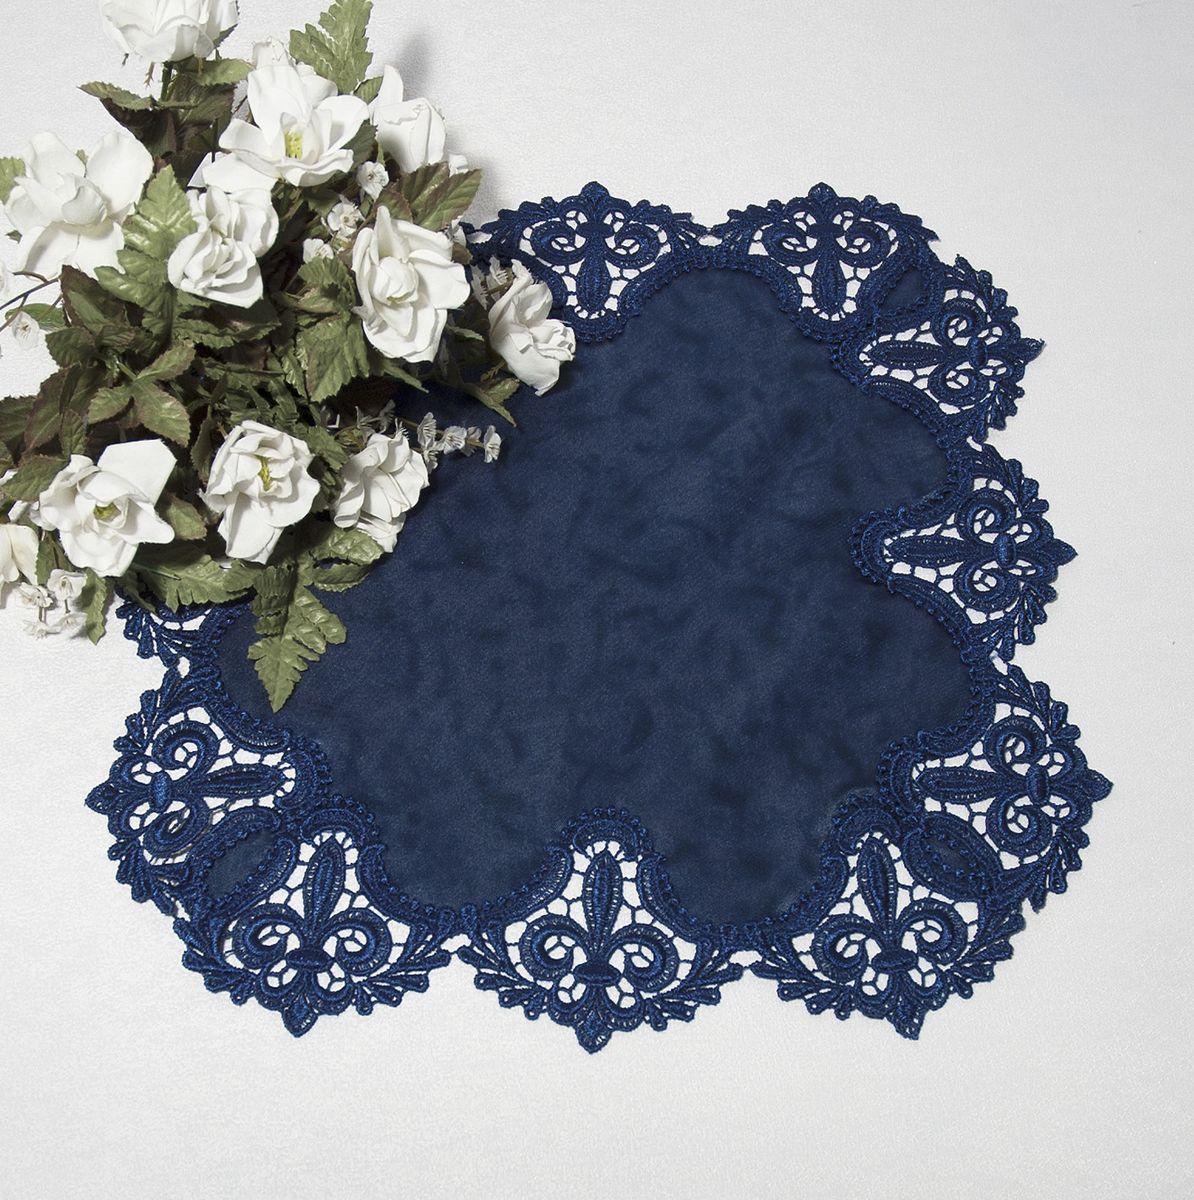 Салфетка Schaefer, цвет: синий, 38 х 38 смVT-1520(SR)Яркая и красивая салфетка Schaefer выполнена из полиэстера. Изделие легко стирать и гладить, оно не требует специального ухода. Вы можете использовать салфетку для декорирования стола, комода, журнального столика. Она добавит в ваш дом стиля, изысканности и убережет мебель от царапин и потертостей.